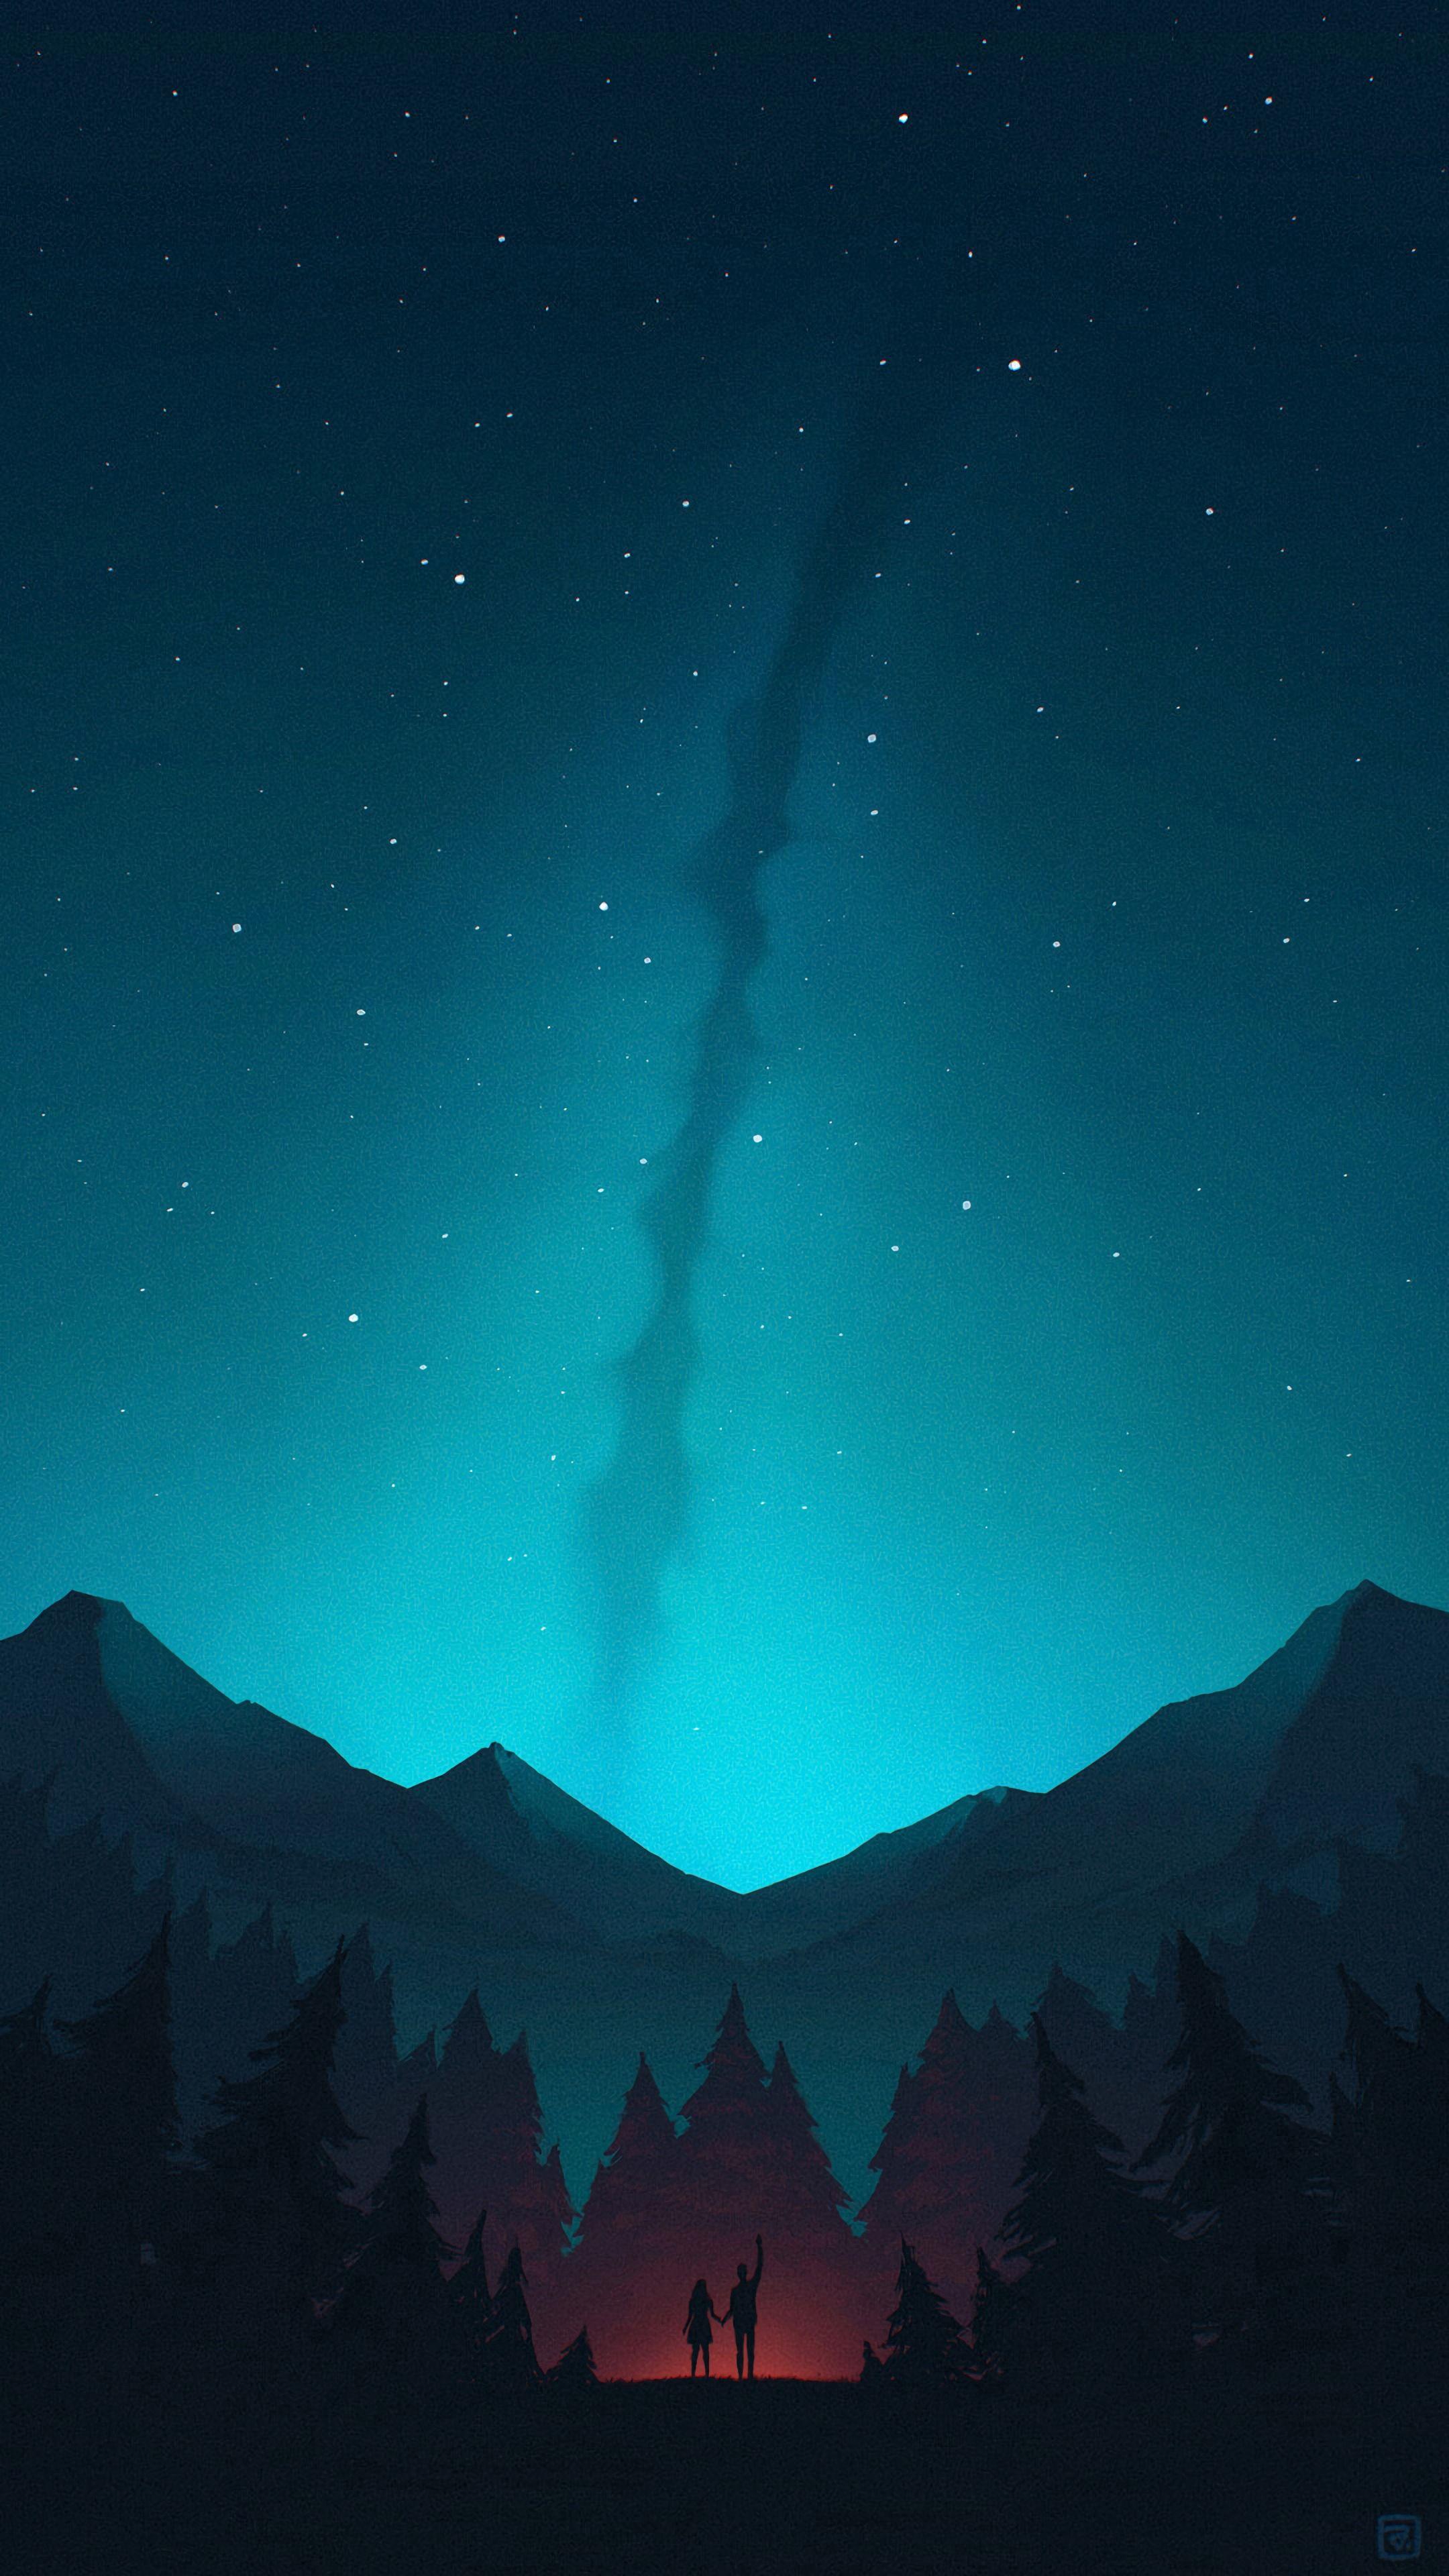 111755 скачать обои Арт, Горы, Ночь, Лес, Силуэты, Звездное Небо - заставки и картинки бесплатно